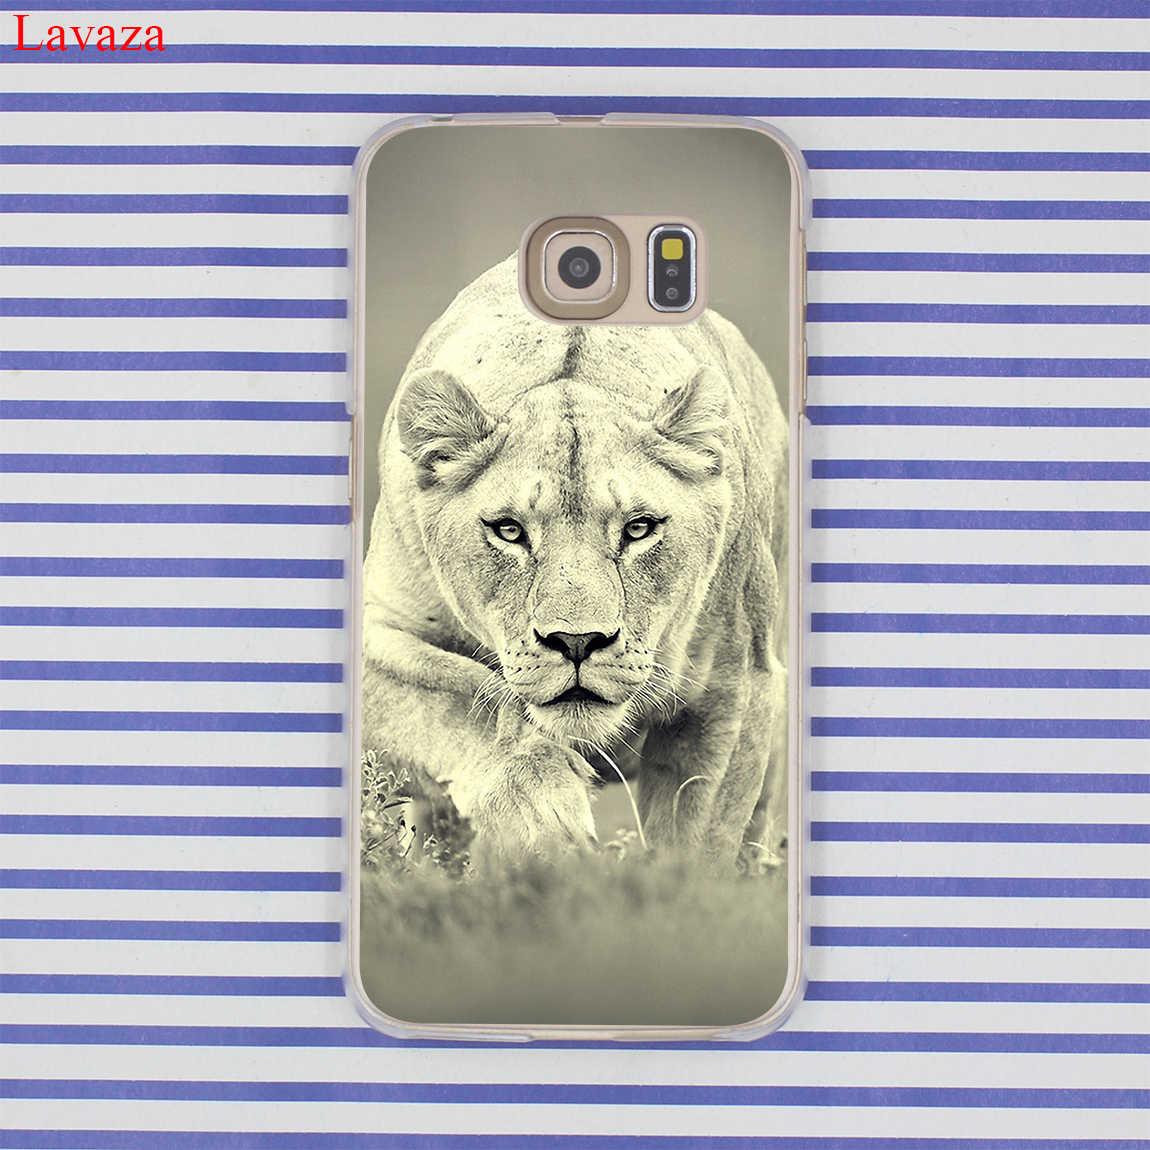 Lavaza 雪の動物ライオン虎目動物タイガースハードハード電話ケース S10 E S10E S8 S9 プラス S6 S7 エッジカバー